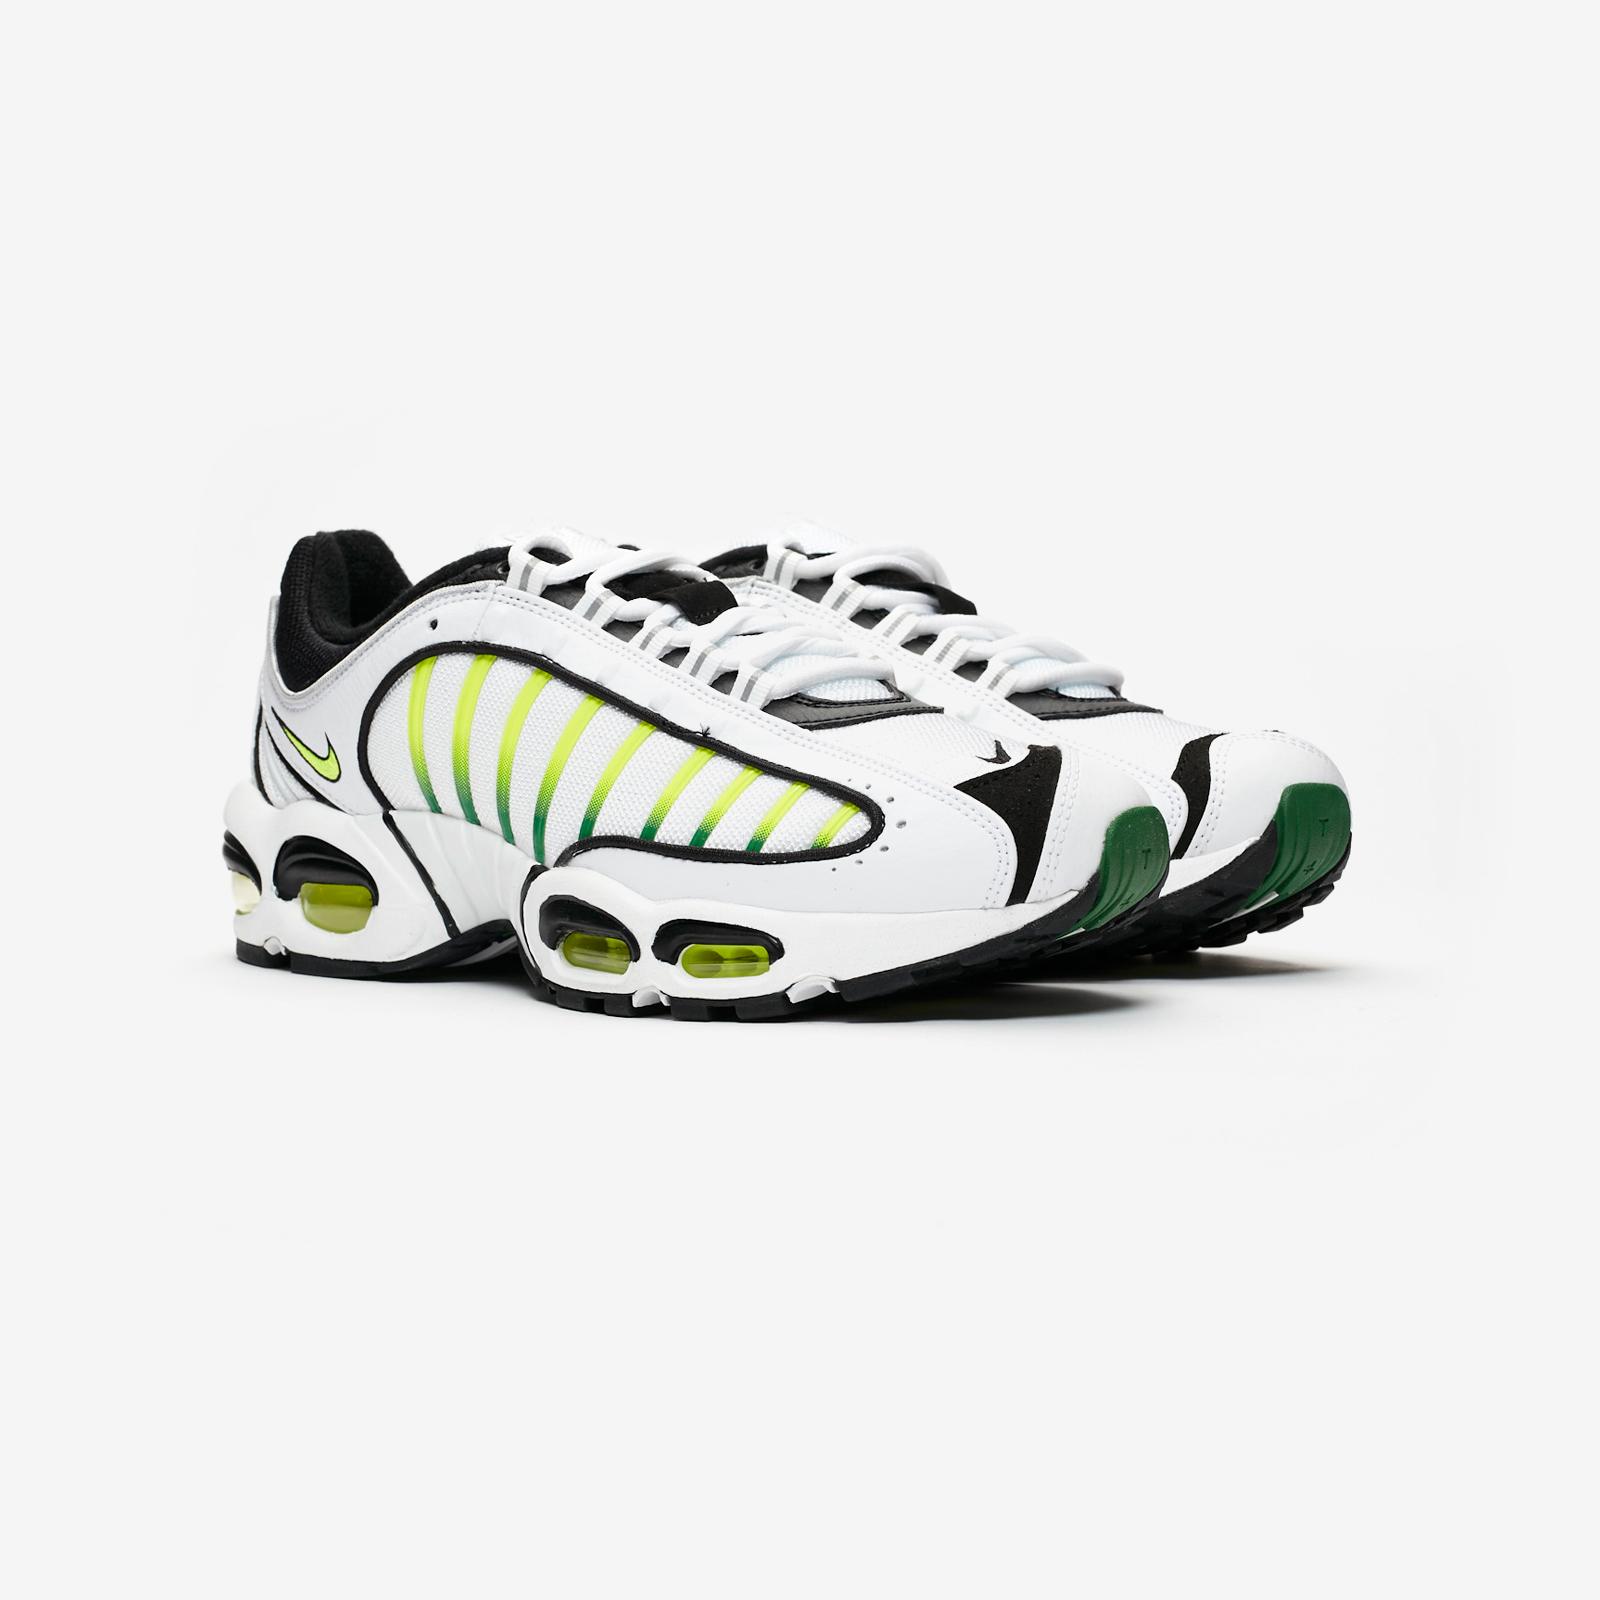 f18f13928191 Nike Air Max Tailwind IV - Aq2567-100 - Sneakersnstuff